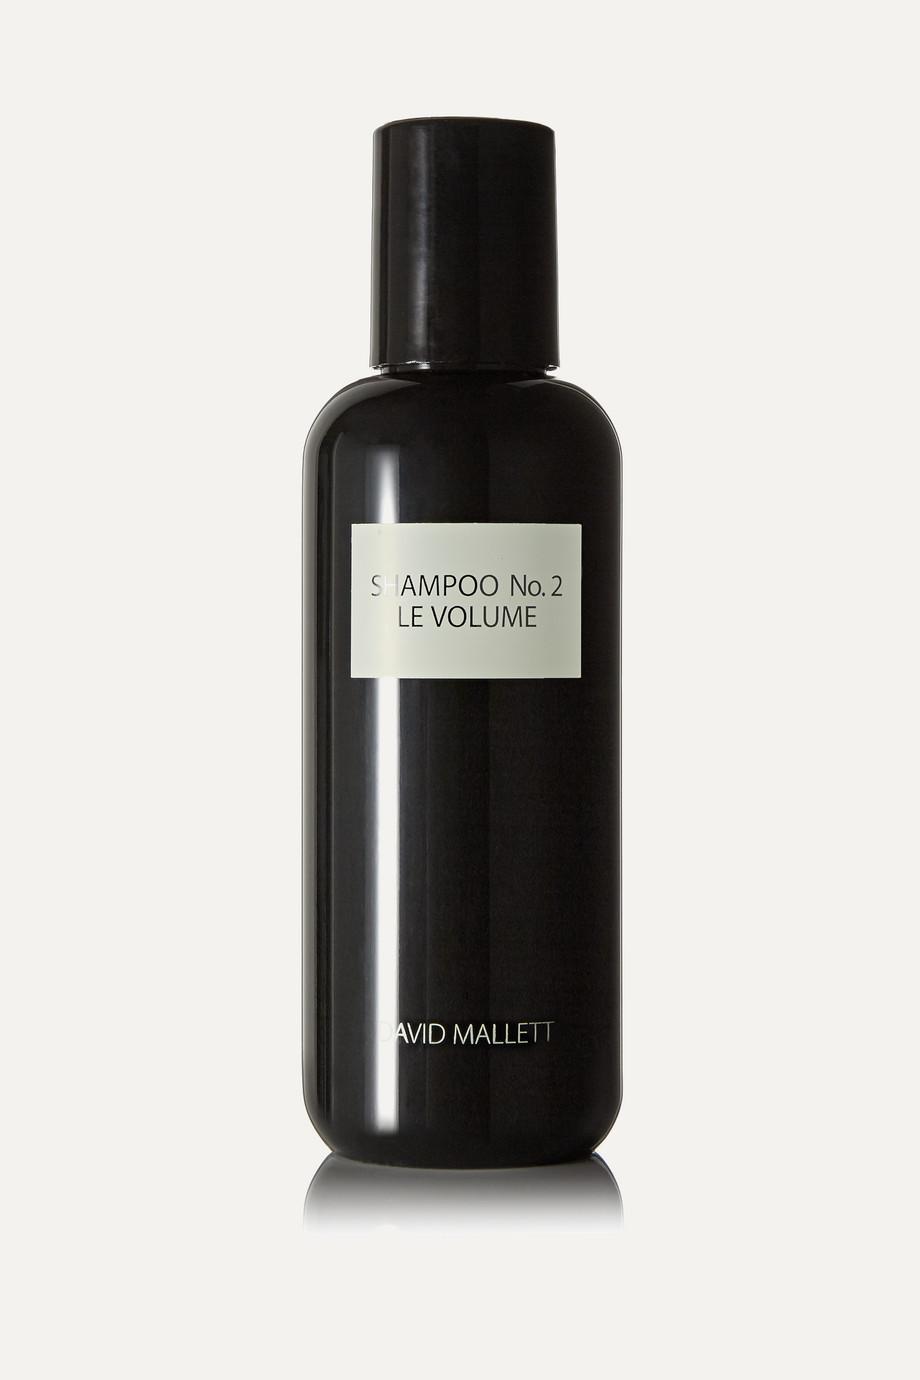 David Mallett Shampoo No.2: Le Volume, 250 ml – Volumenshampoo